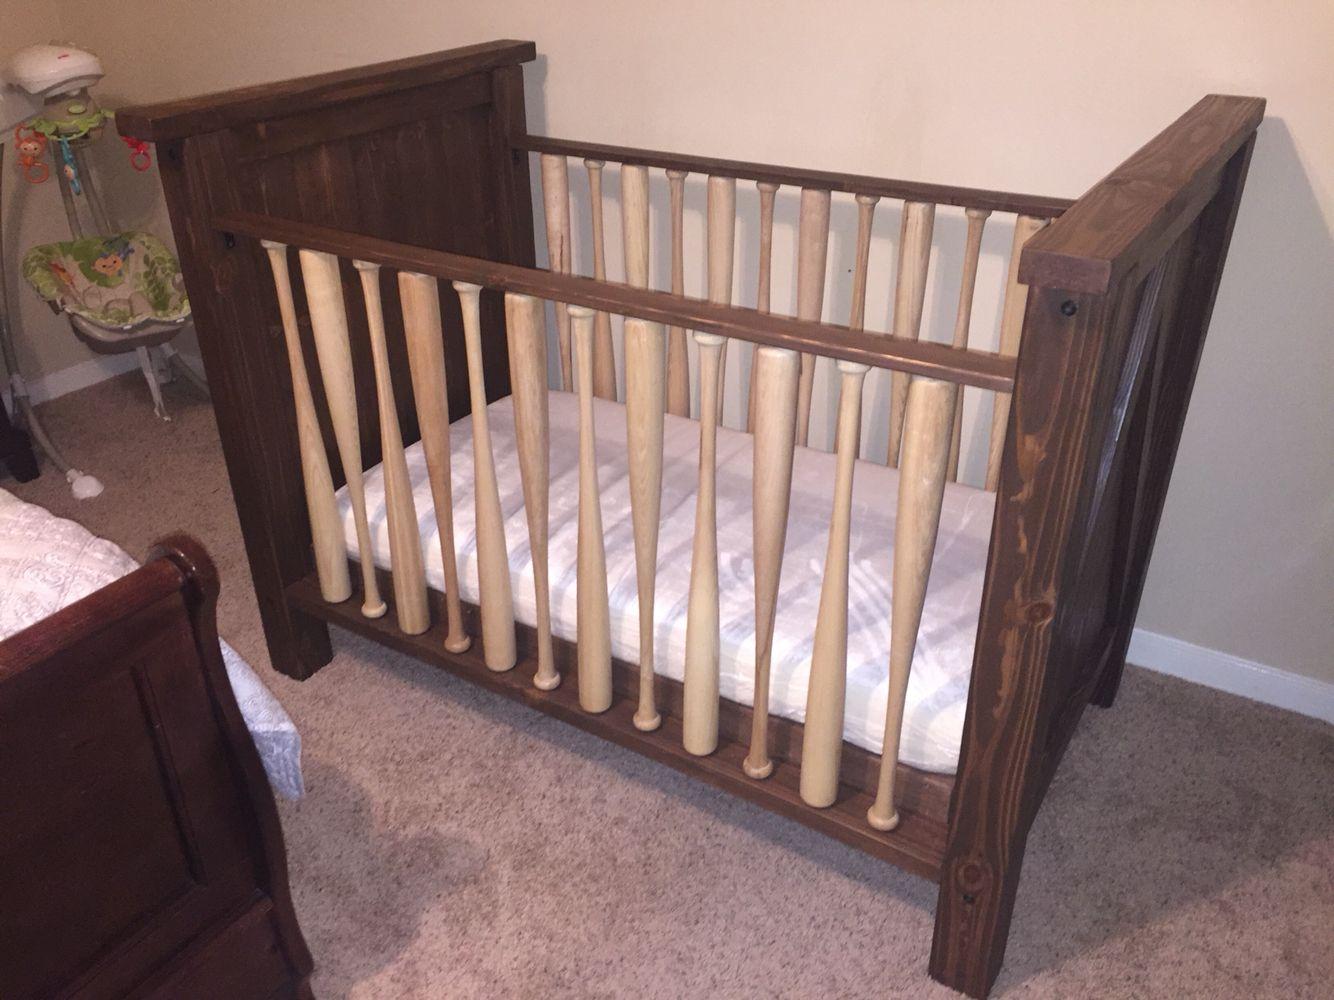 Baseball Bat Crib Hand Made Solid Wood With Real Bats Can